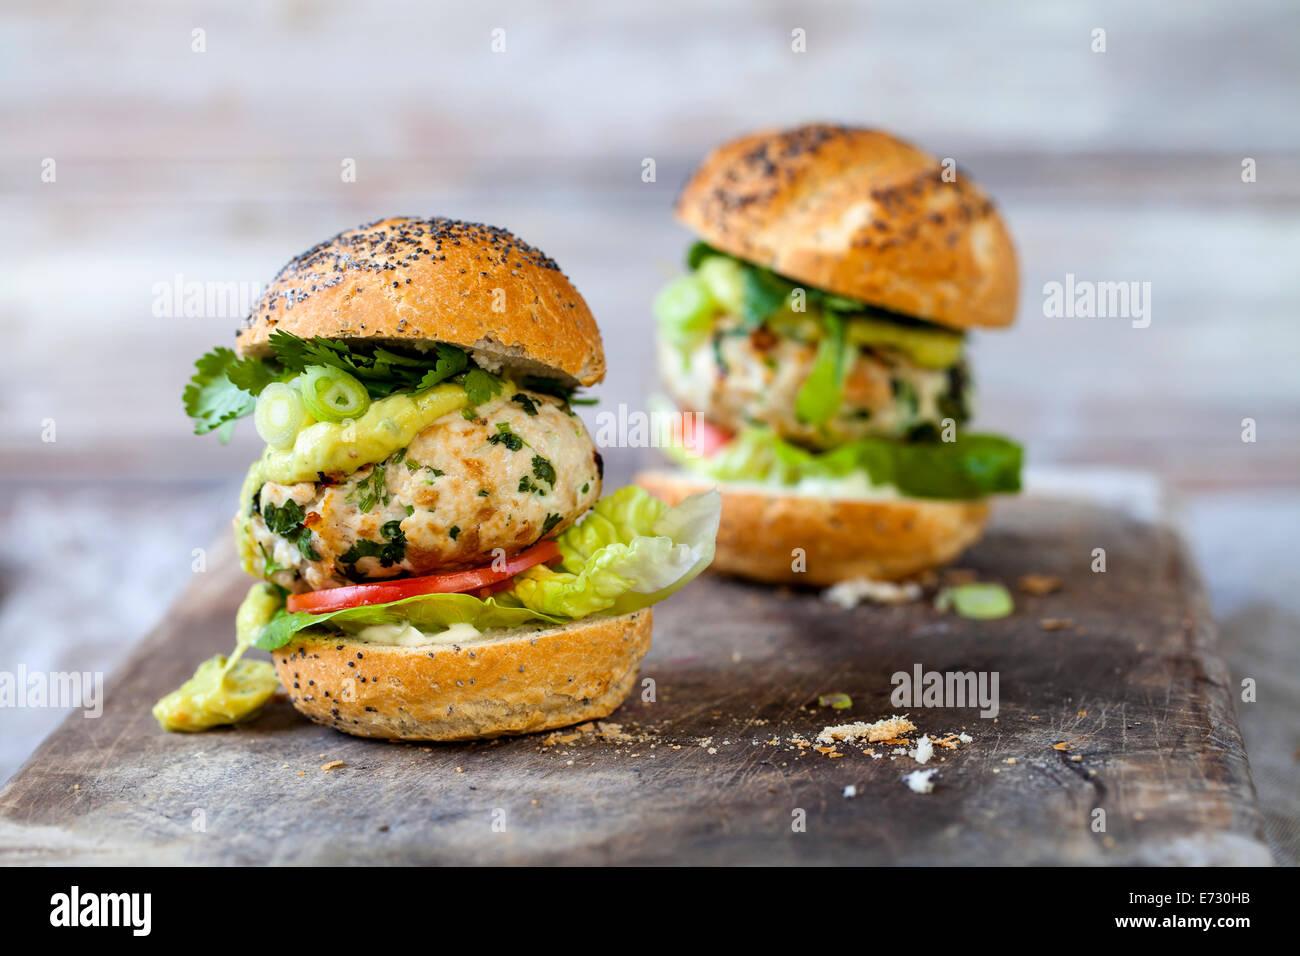 La Turchia burger con avocado Immagini Stock